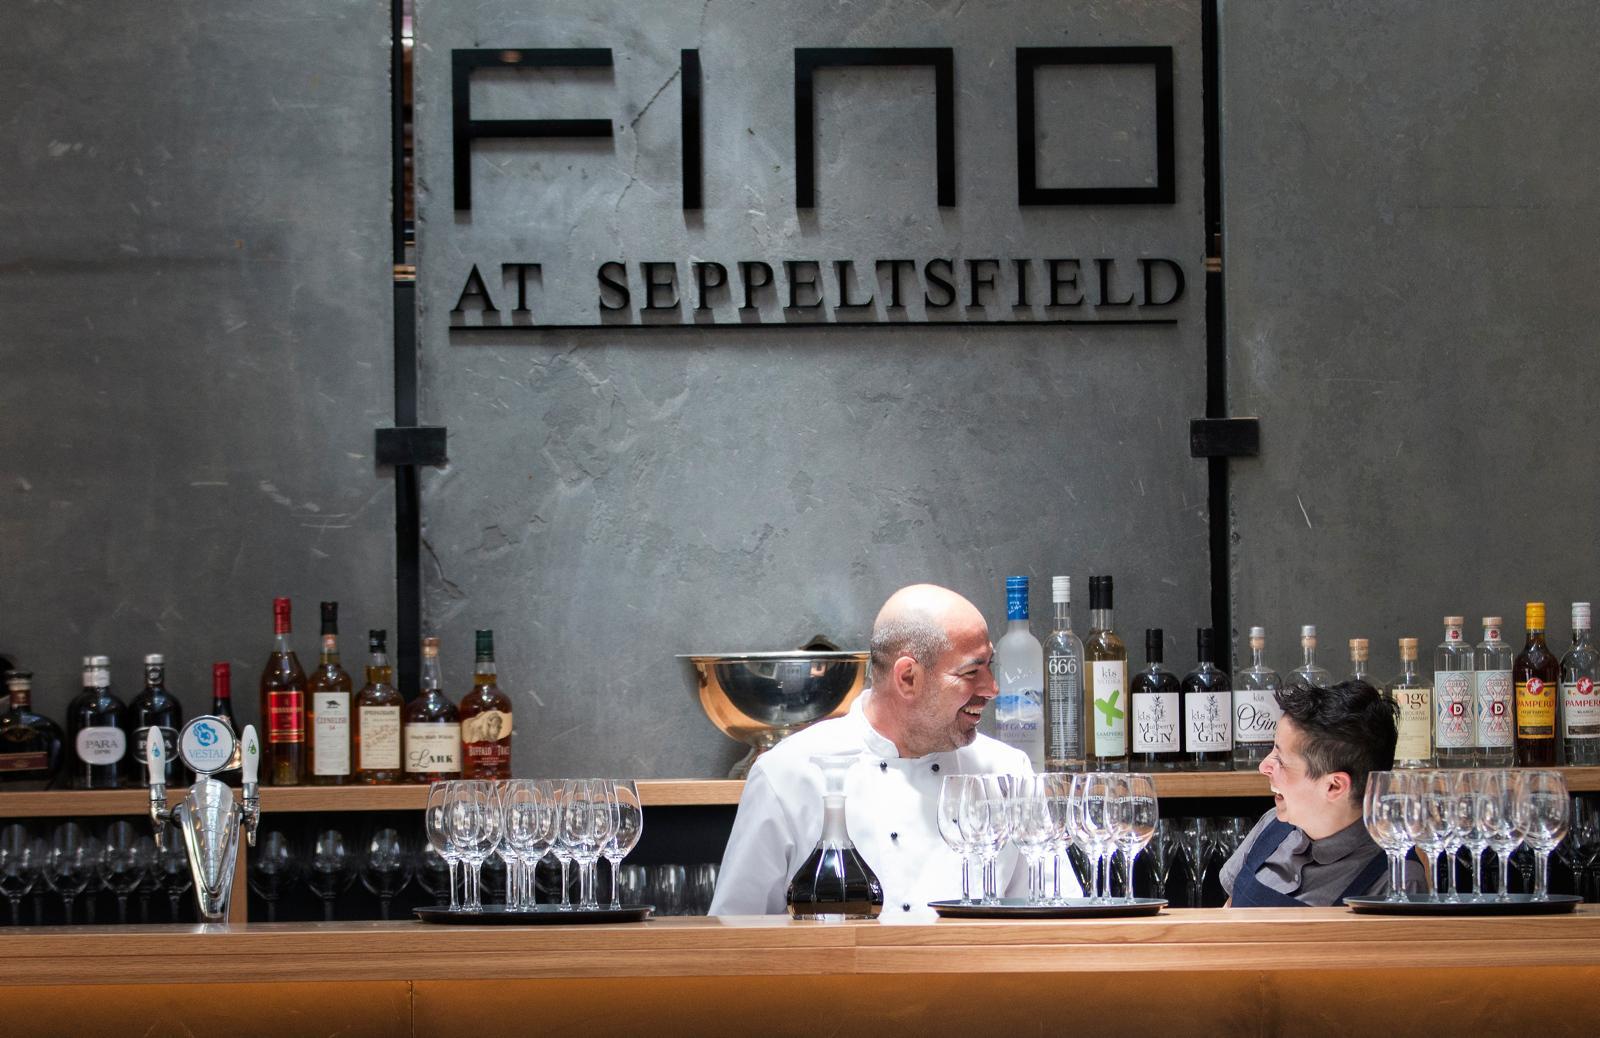 Fino at Seppeltsfield